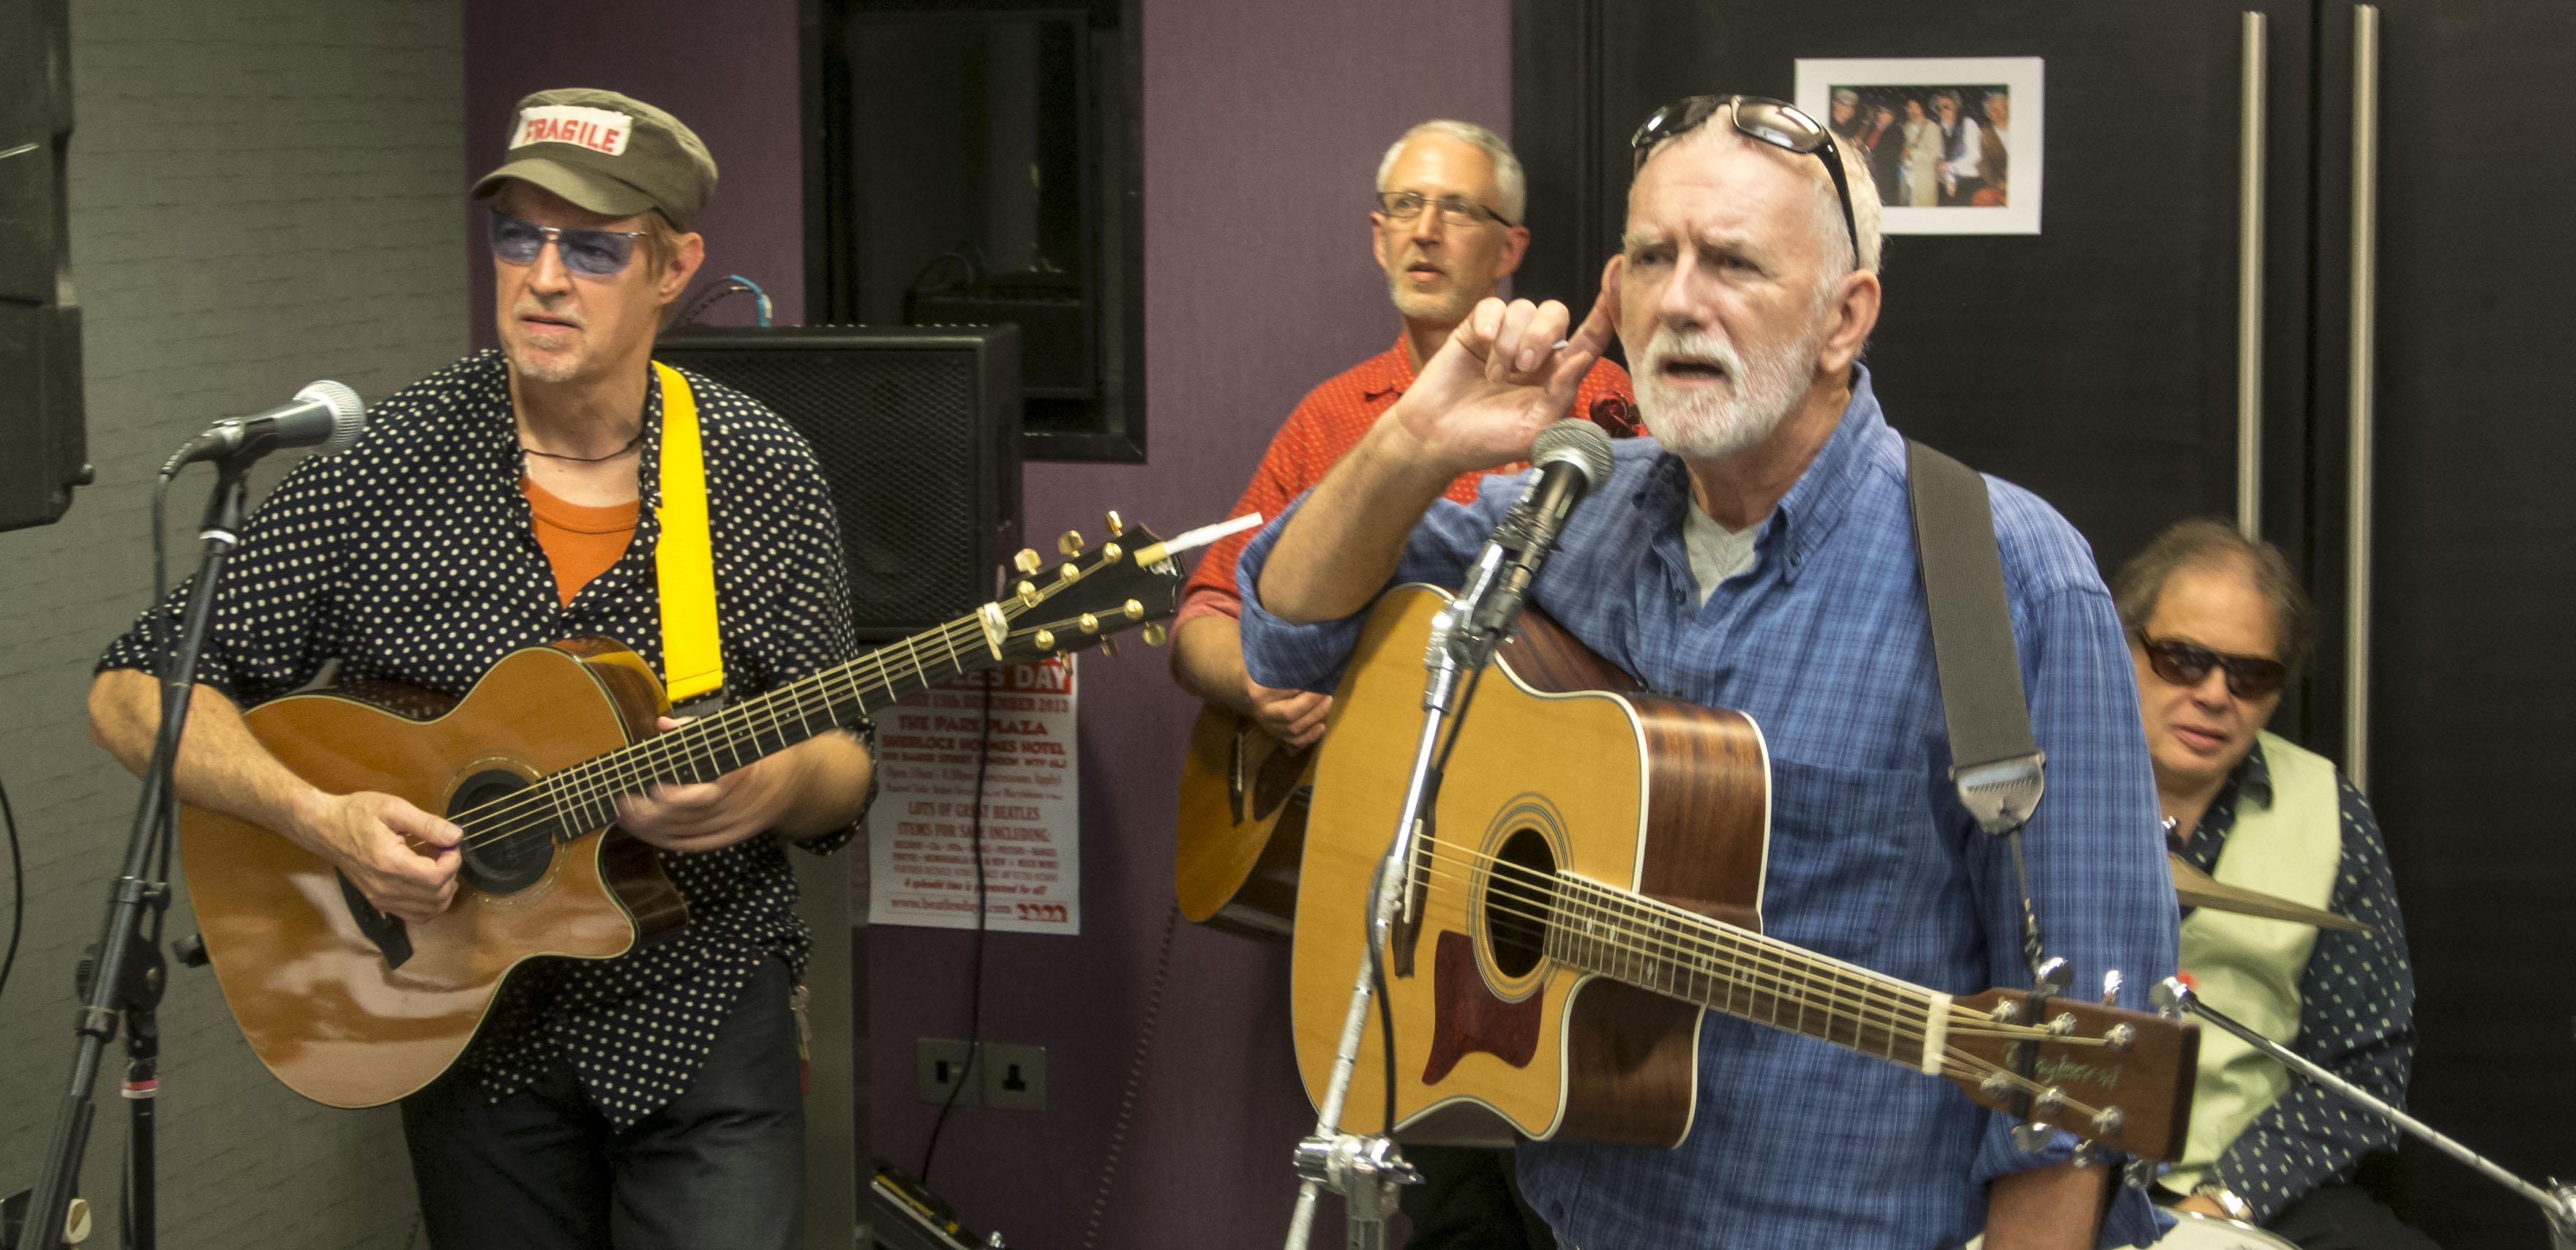 Rod Davis with the Wilburys